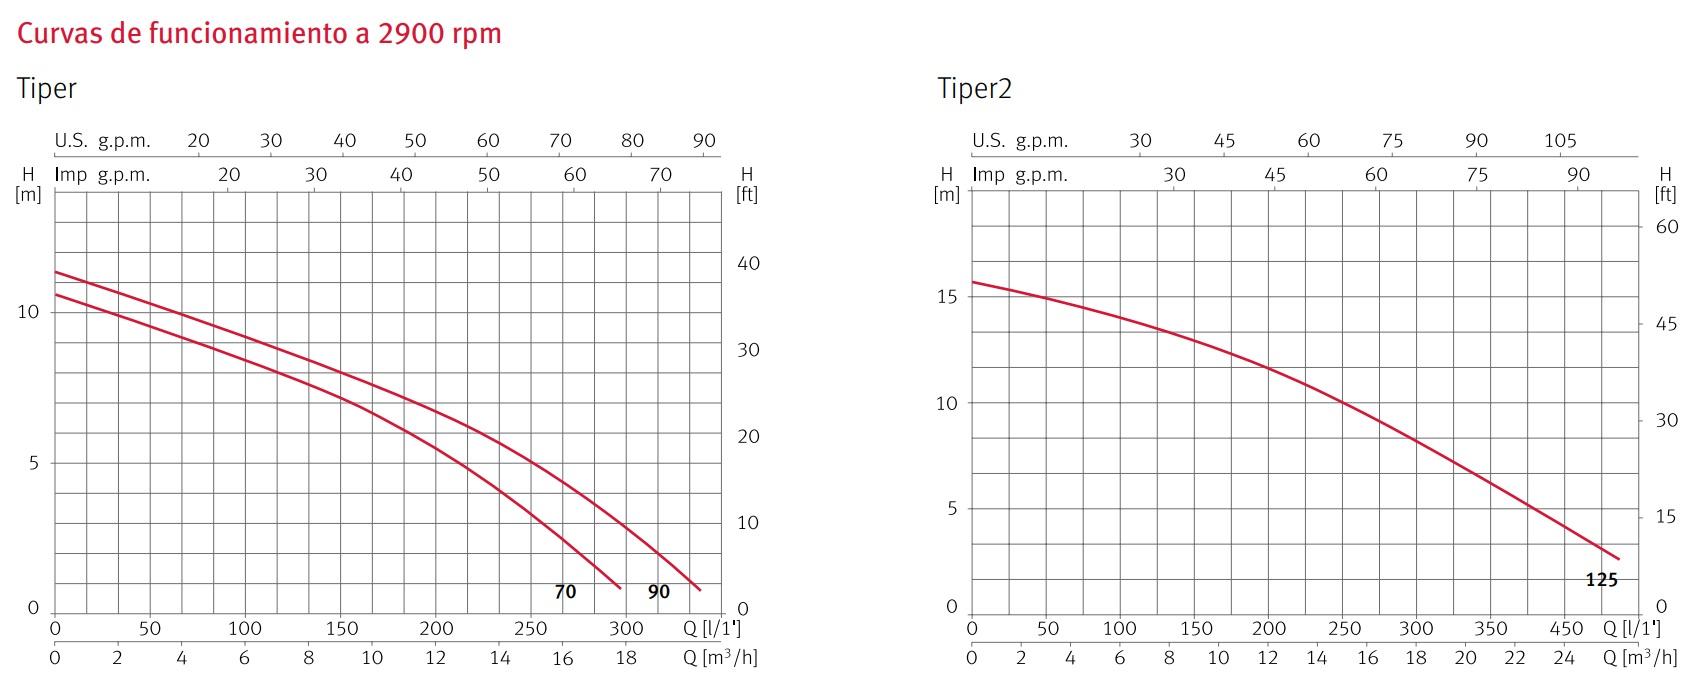 curvas tiper